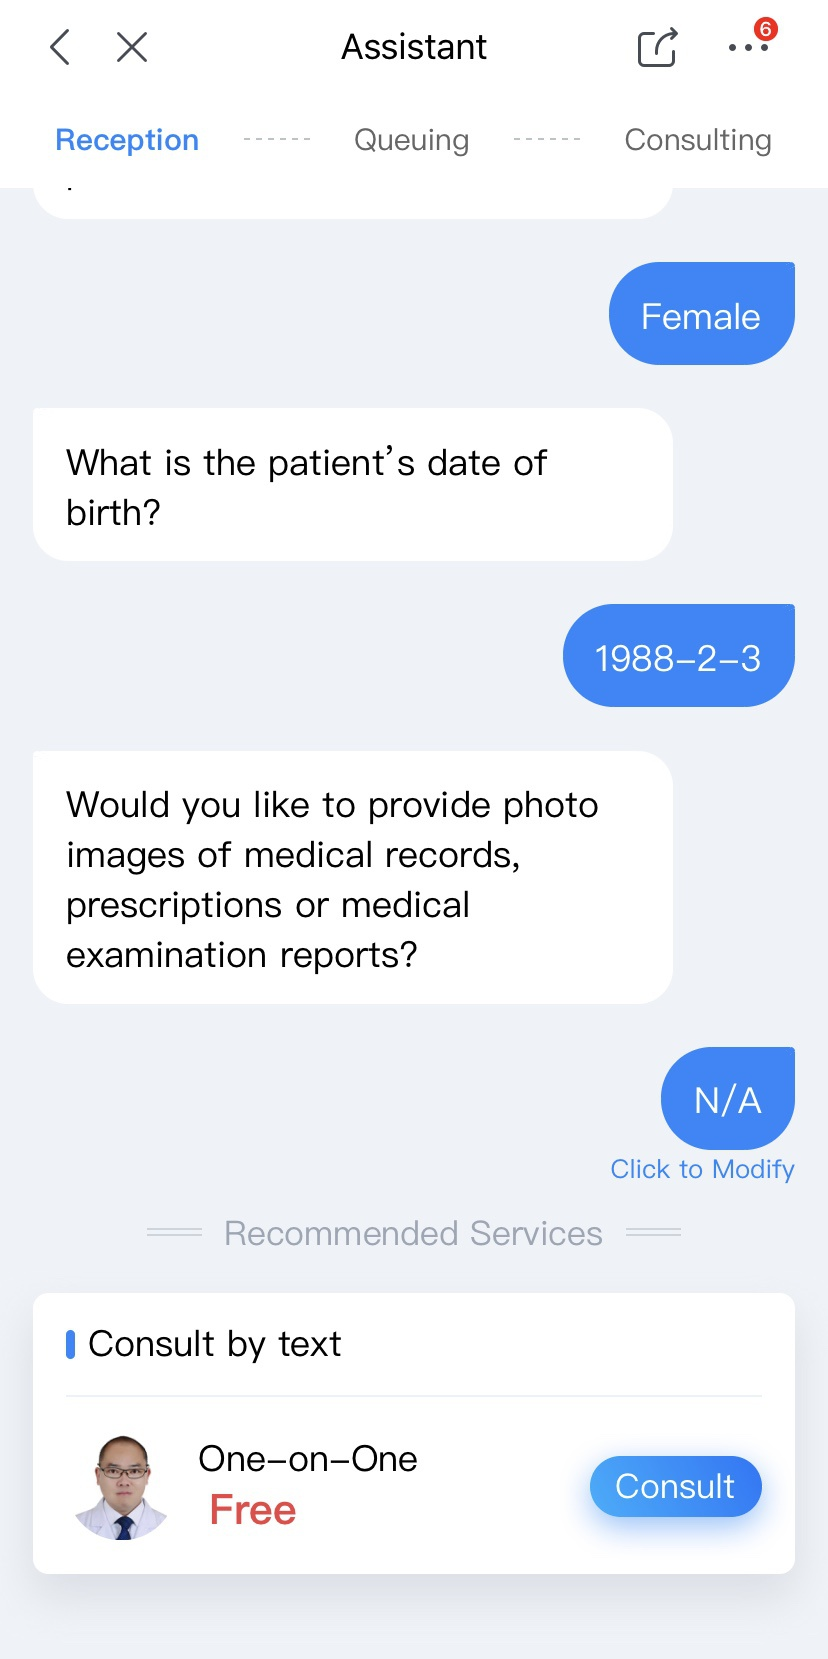 互联网公司加码医疗 推海外在线问诊平台